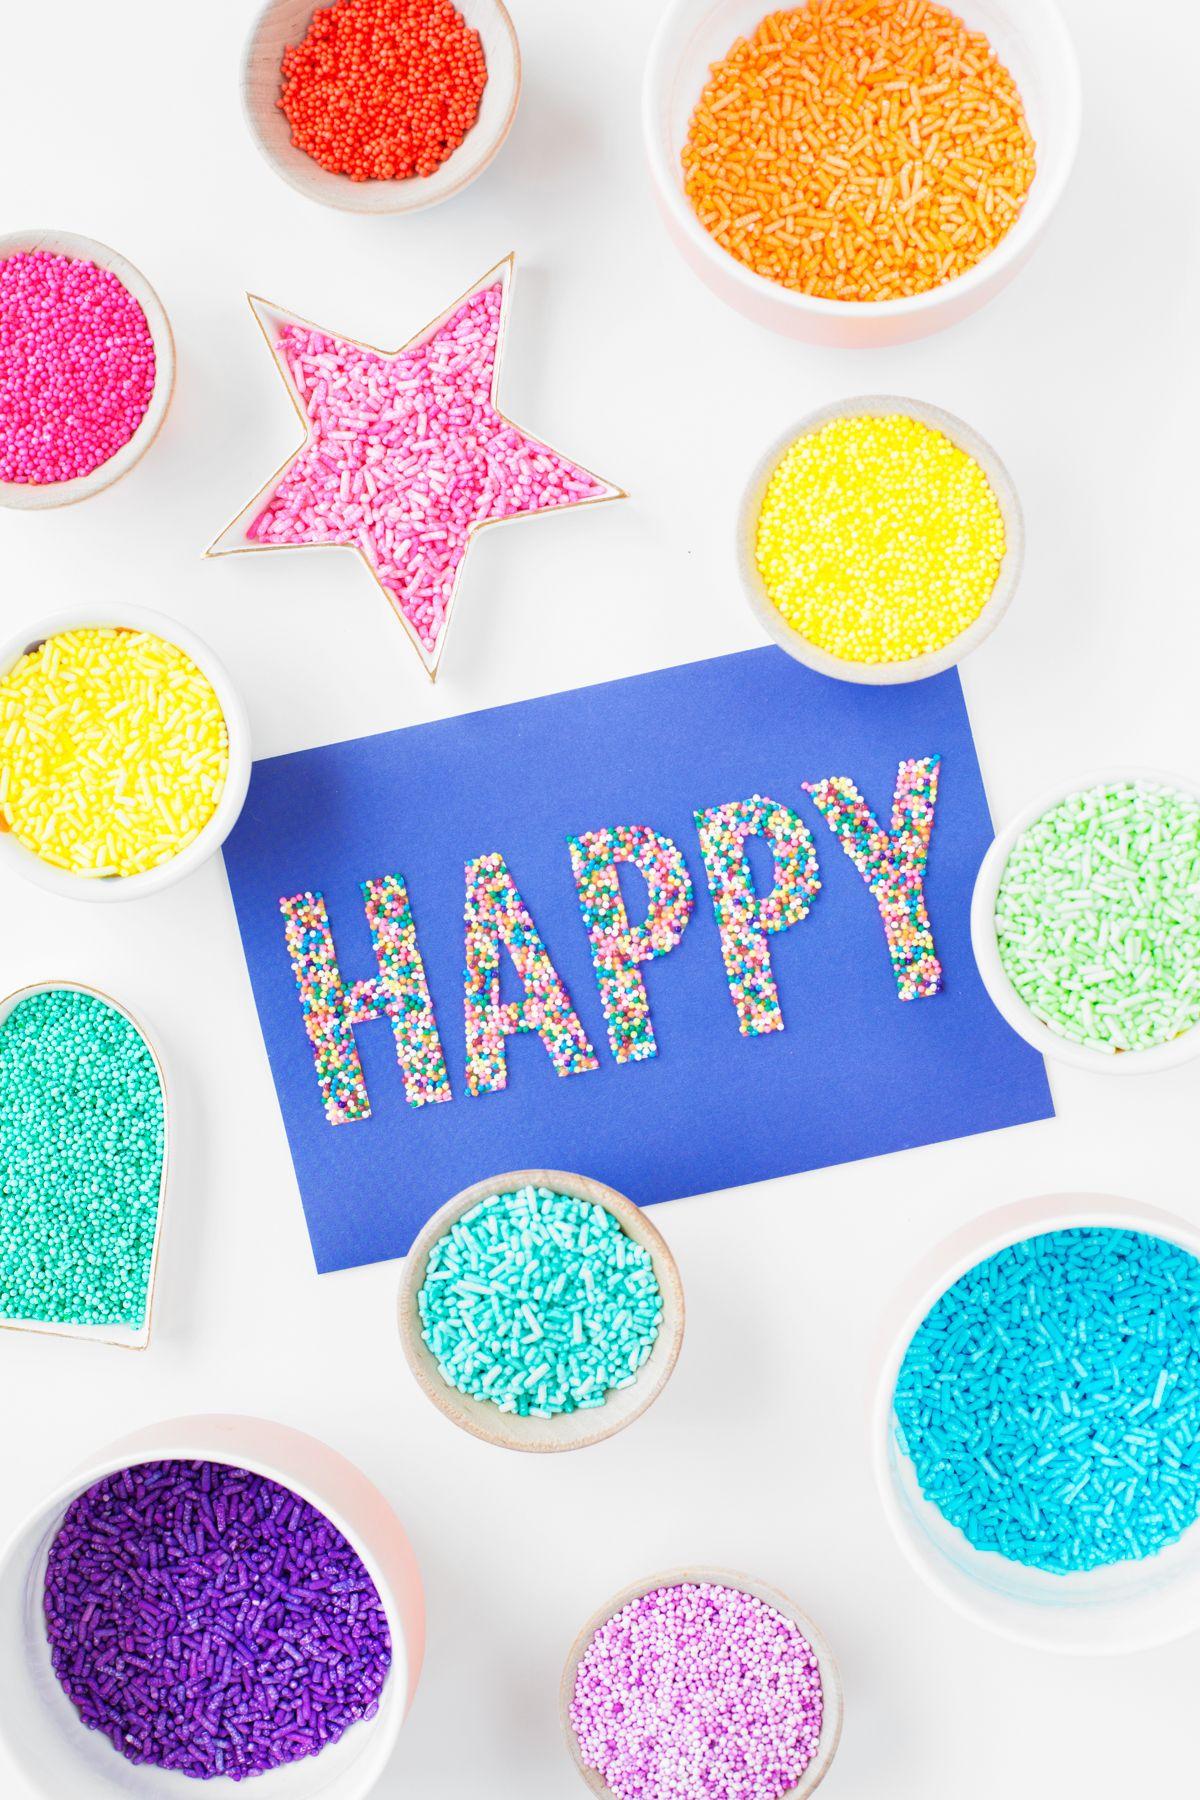 19 Diy Birthday Card Ideas Cute Birthday Card Ideas You Can Make